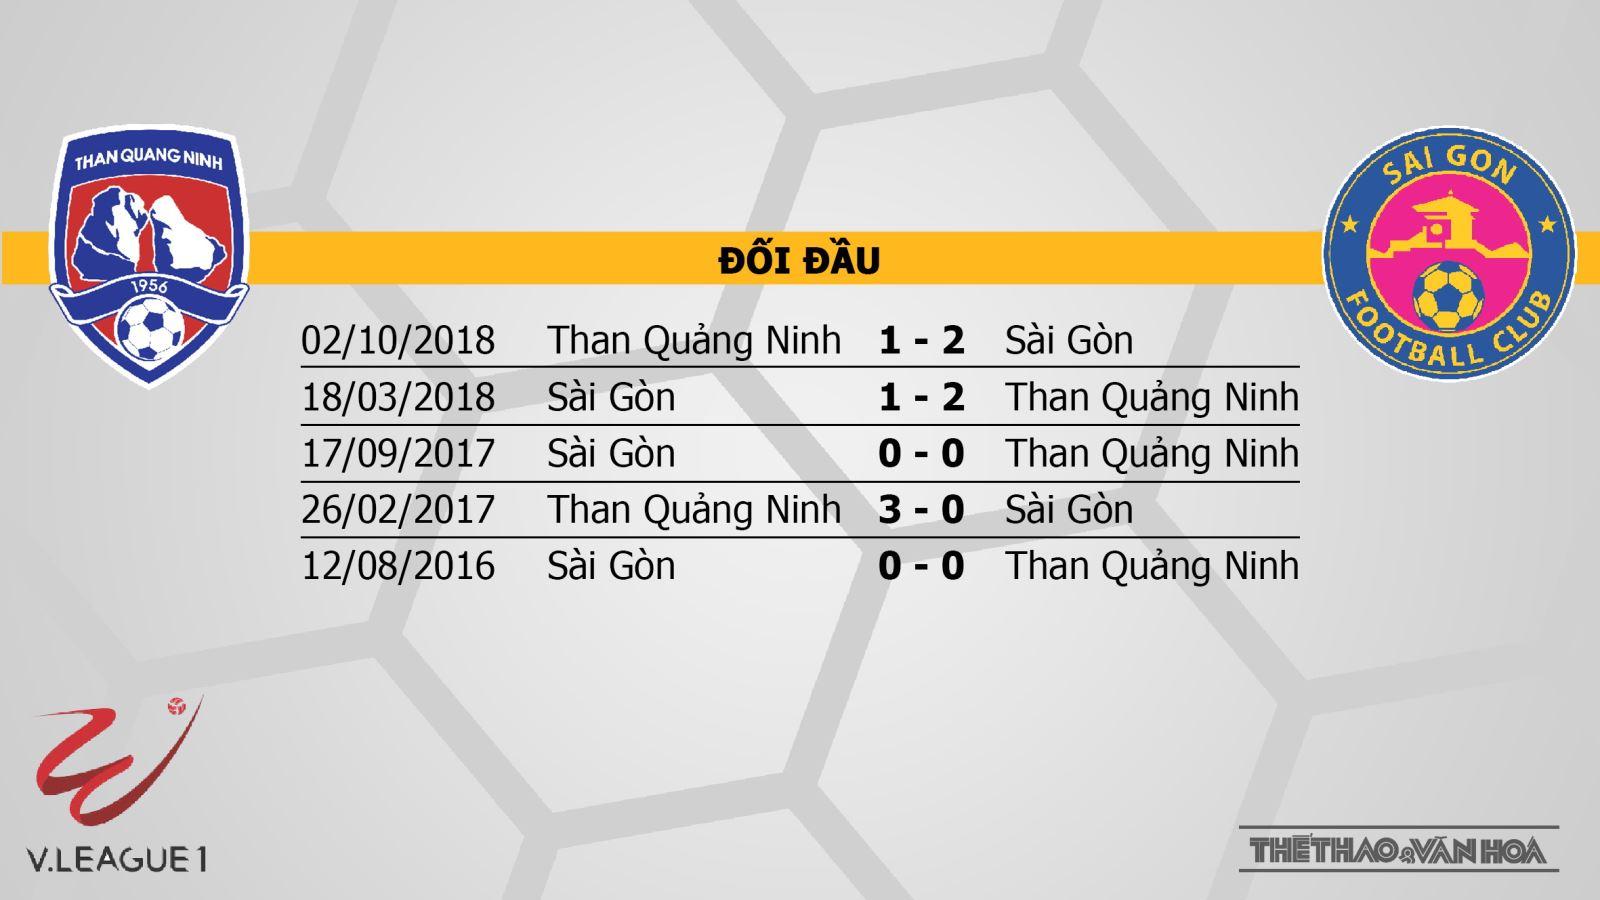 TTTV, Than Quảng Ninh, truc tiep bong da, trực tiếp bóng đá, Than Quảng Ninh vs Sài Gòn, Sài Gòn, truc tiep Than Quảng Ninh, VLeague 2019, xem bong da truc tuyen, TTTV, FPT TH